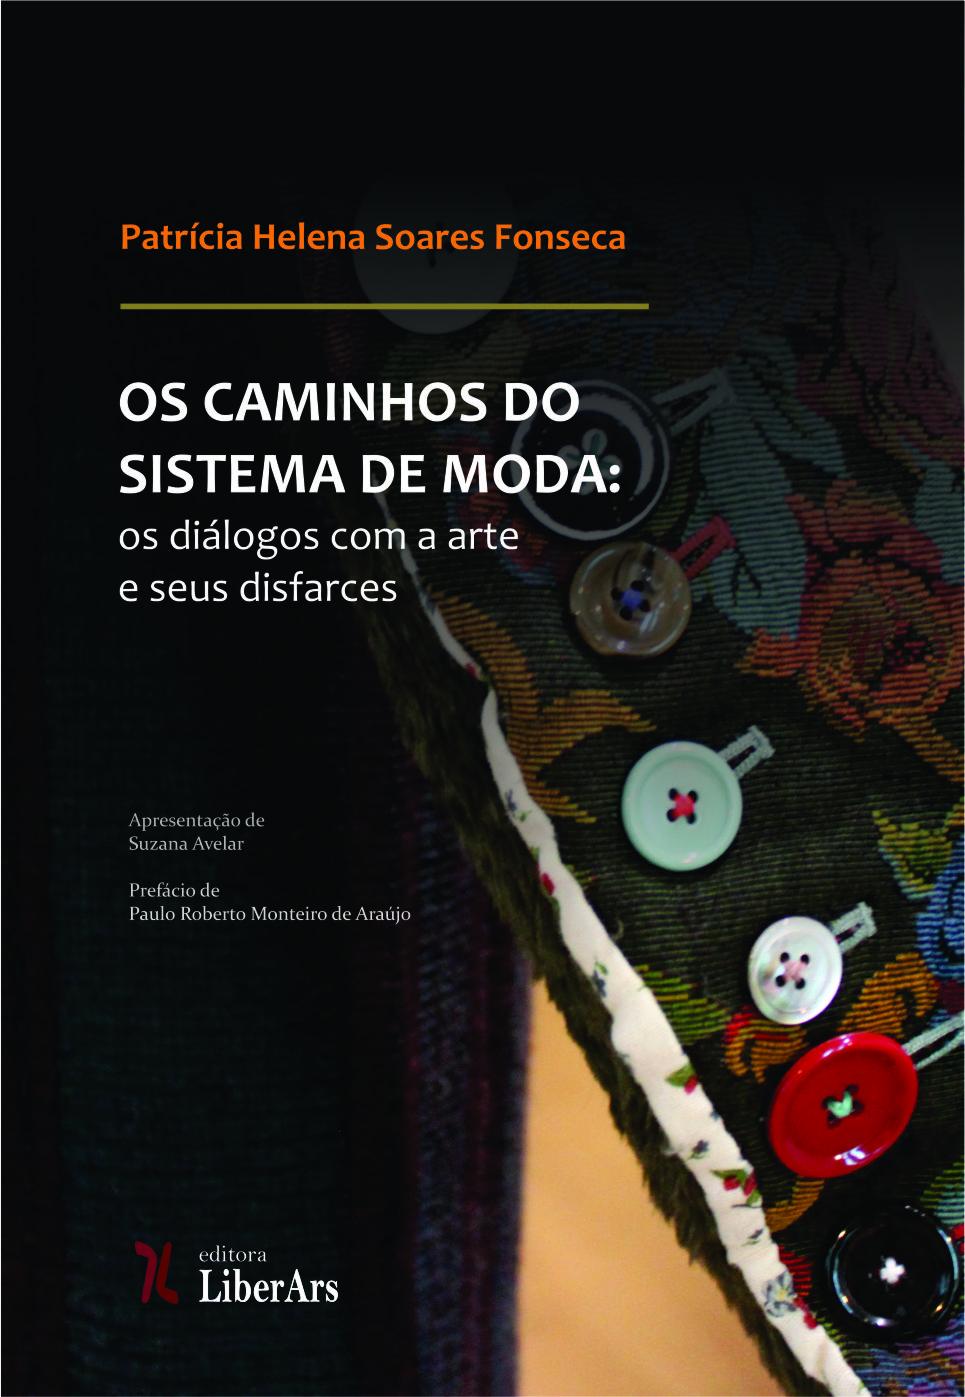 Caminhos do sistema de moda: os diálogos com a arte e seus disfarces, Os, livro de Patricia Helena Soares Fonseca